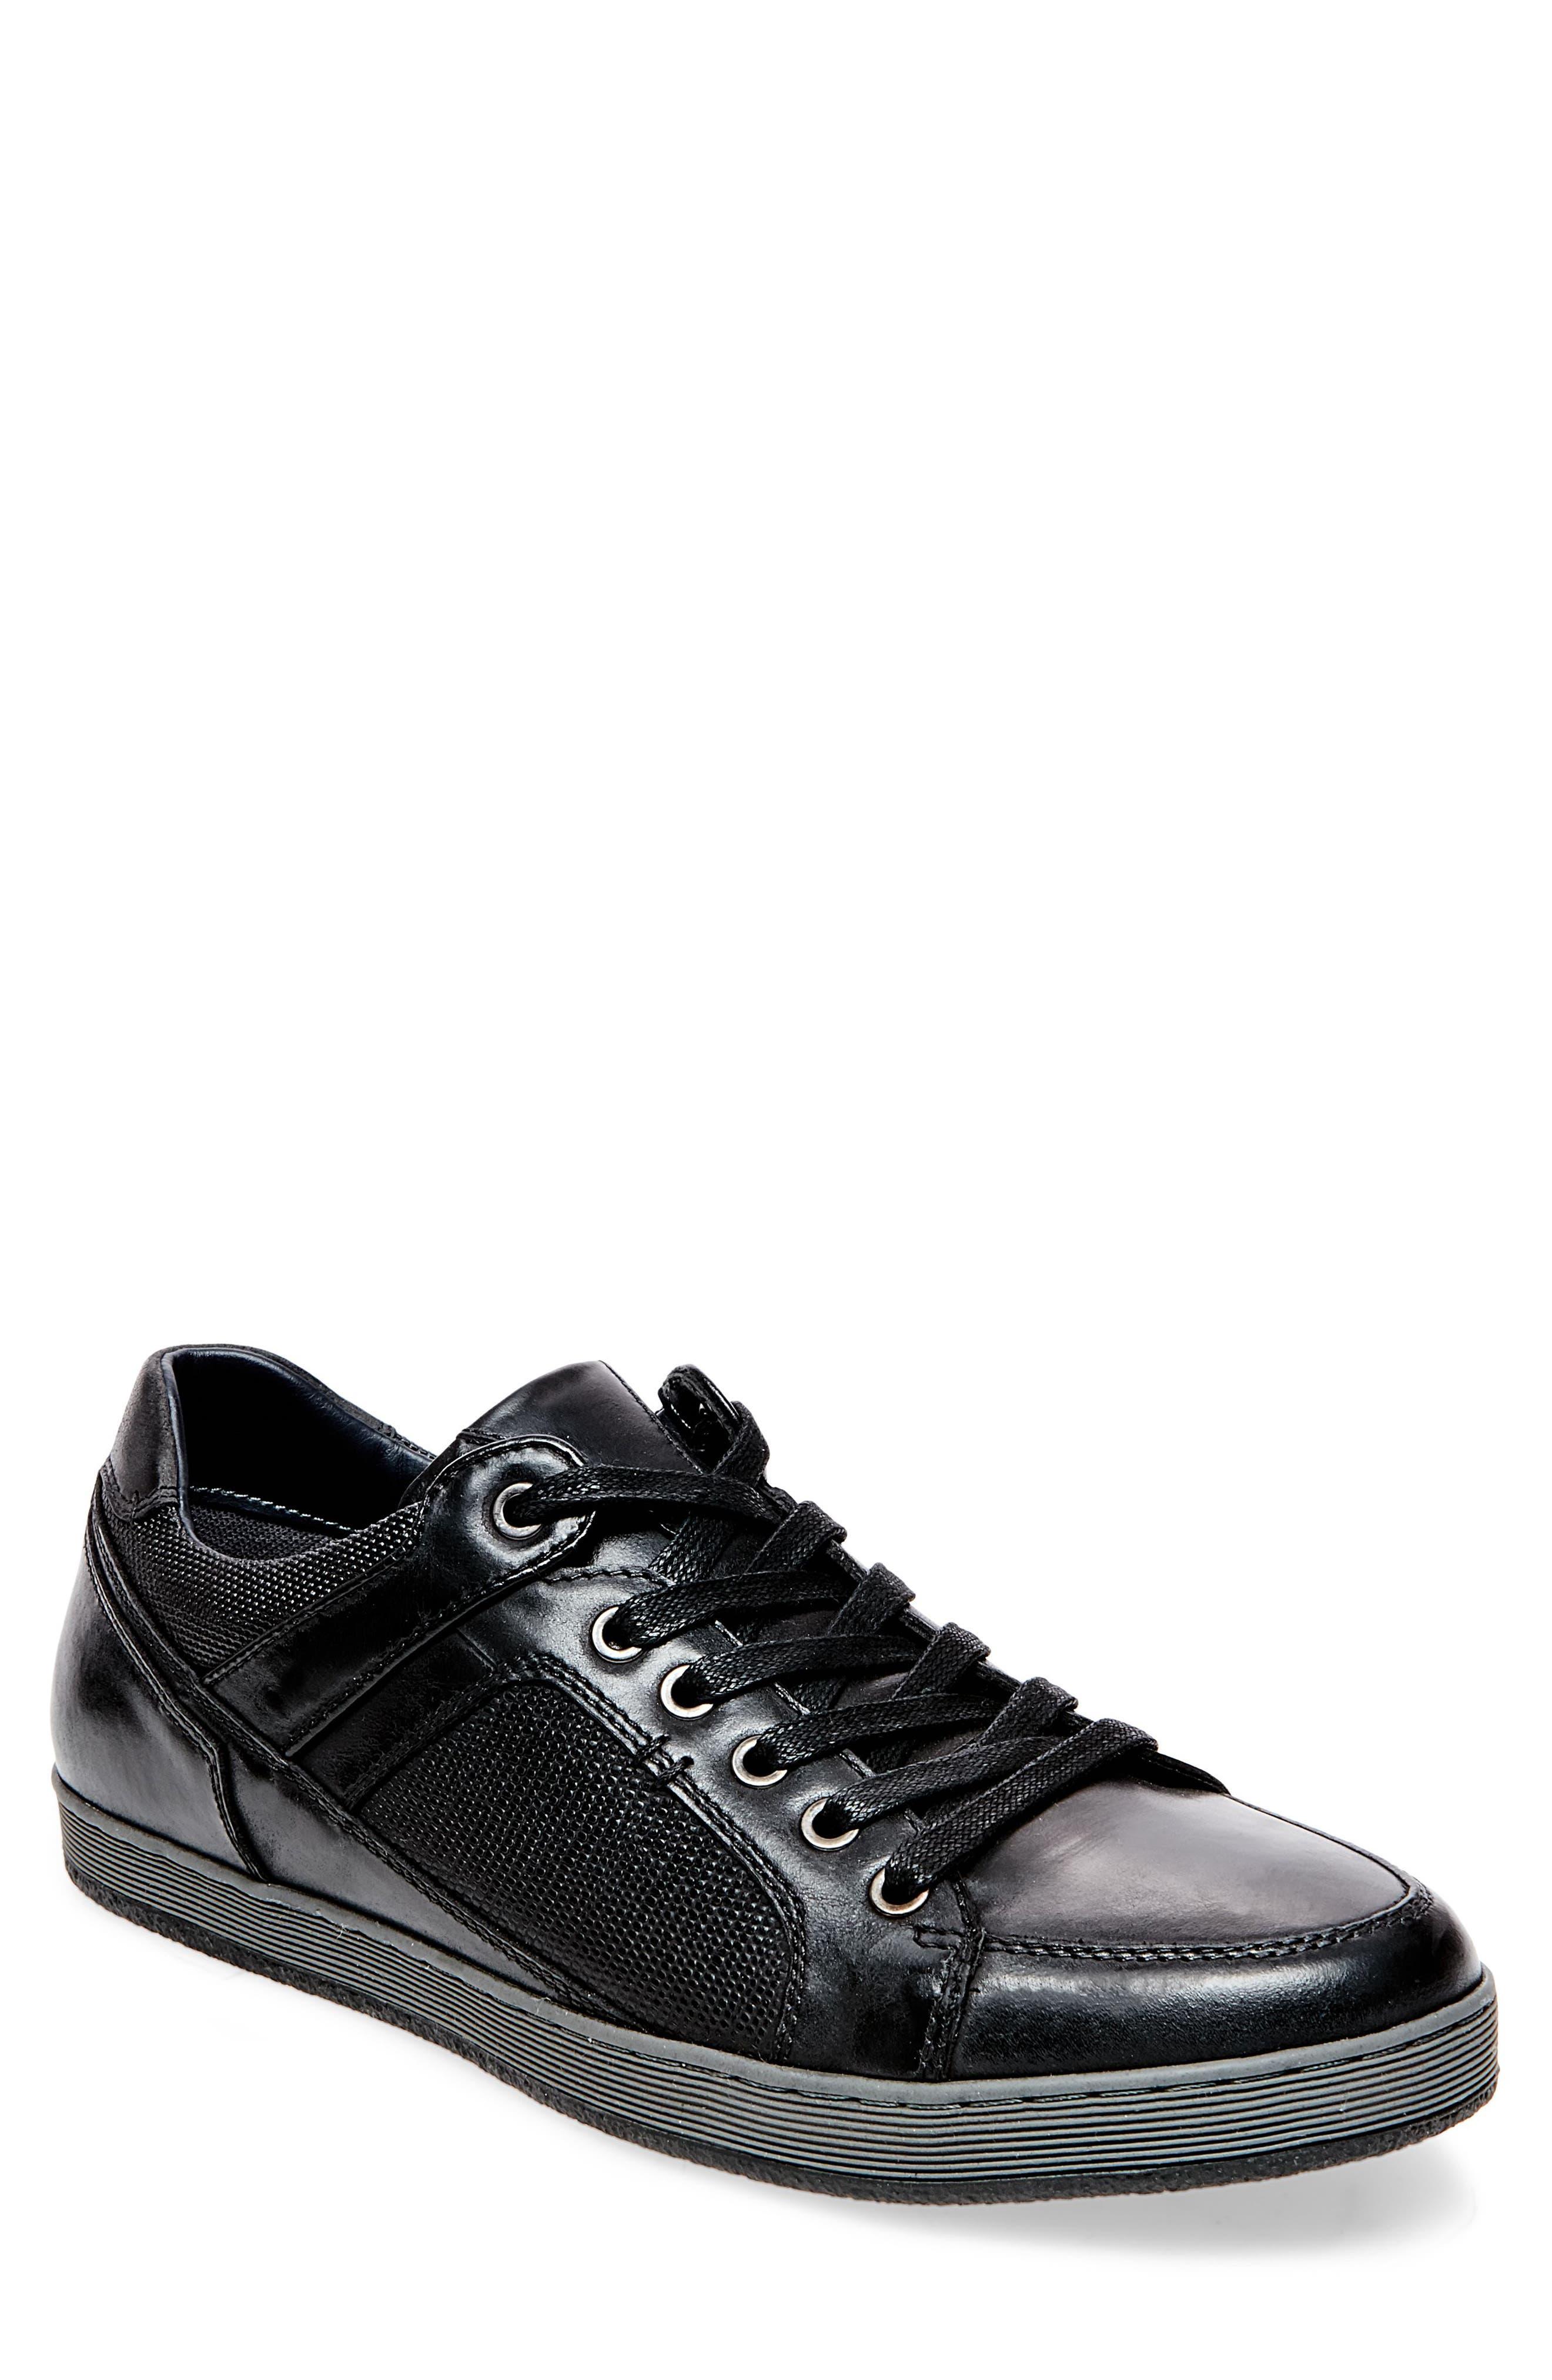 Palis Sneaker,                         Main,                         color, 017